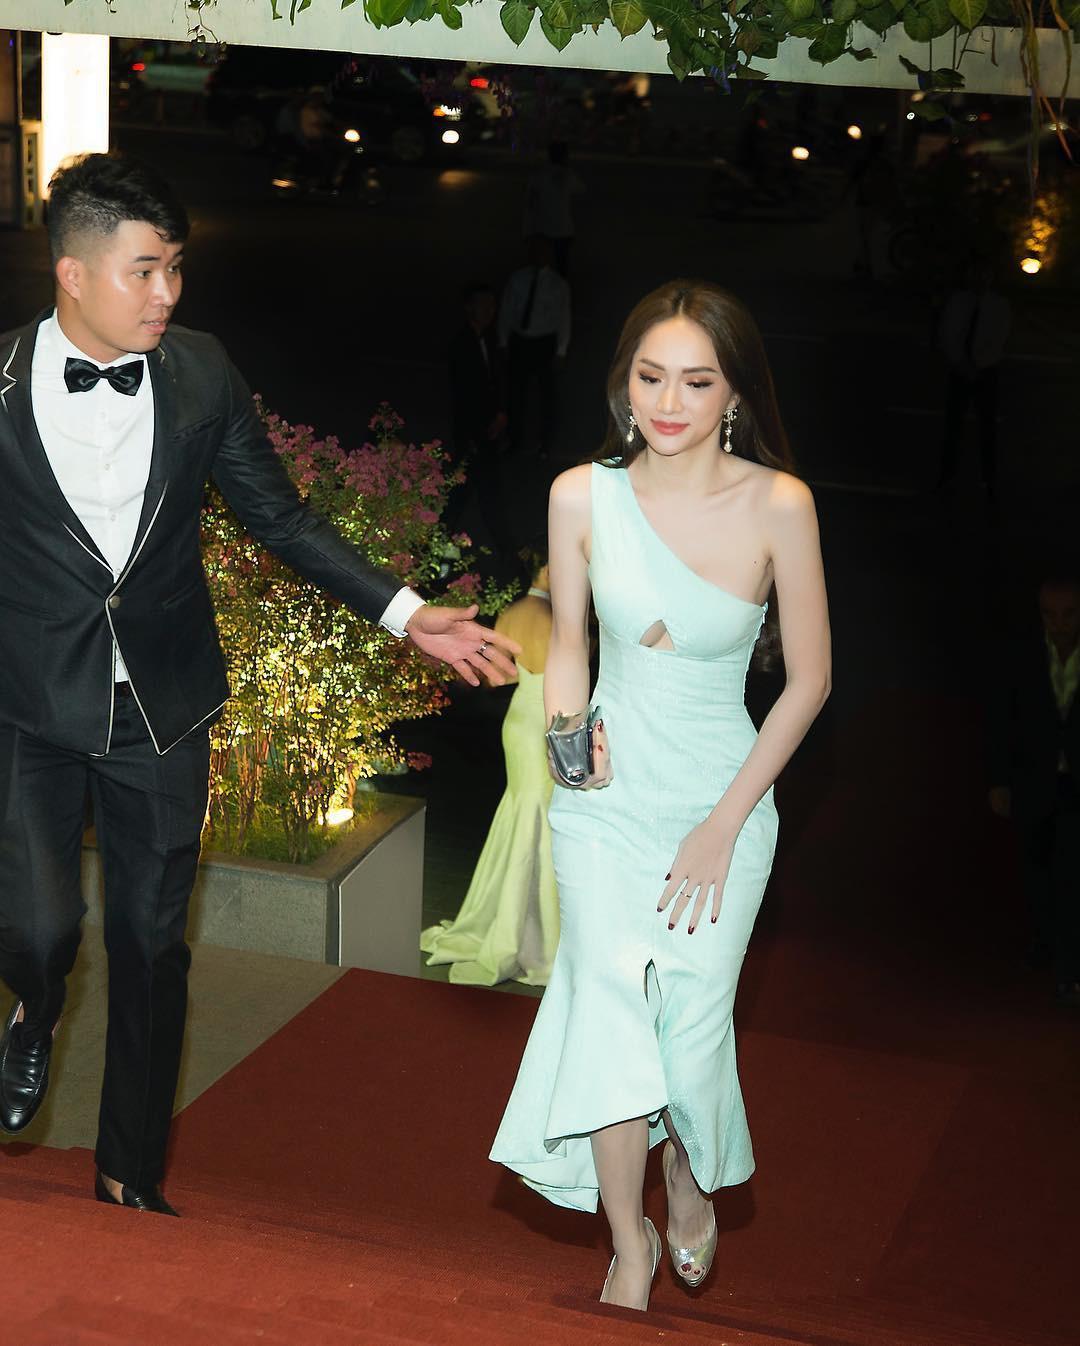 Cộng đồng LGBT thế giới hôm nay (22/04): Hương Giang diện đầm khoét ngực siêu quyến rũ tại sự kiện, fan tích cực chèo thuyền đam mỹ Harry Lu và B Trần - Ảnh 4.